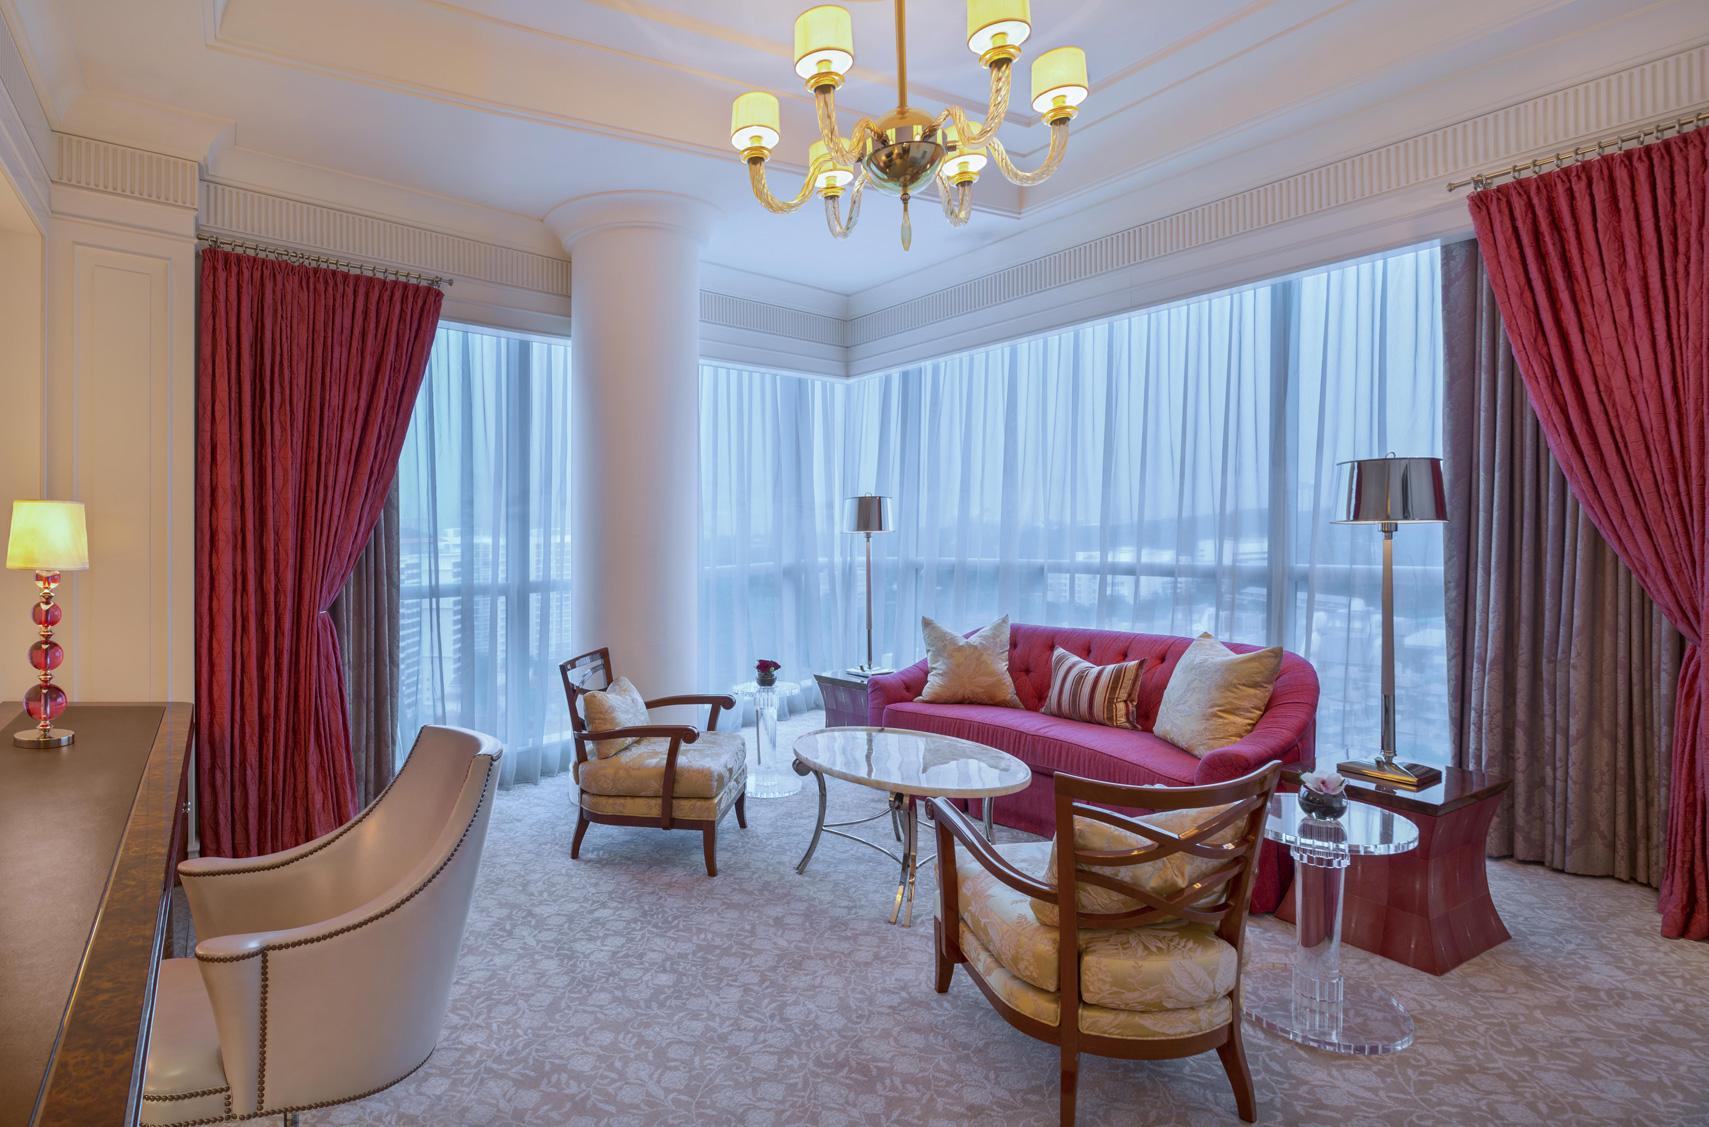 St.-Regis-Suite-Living-Room.jpg